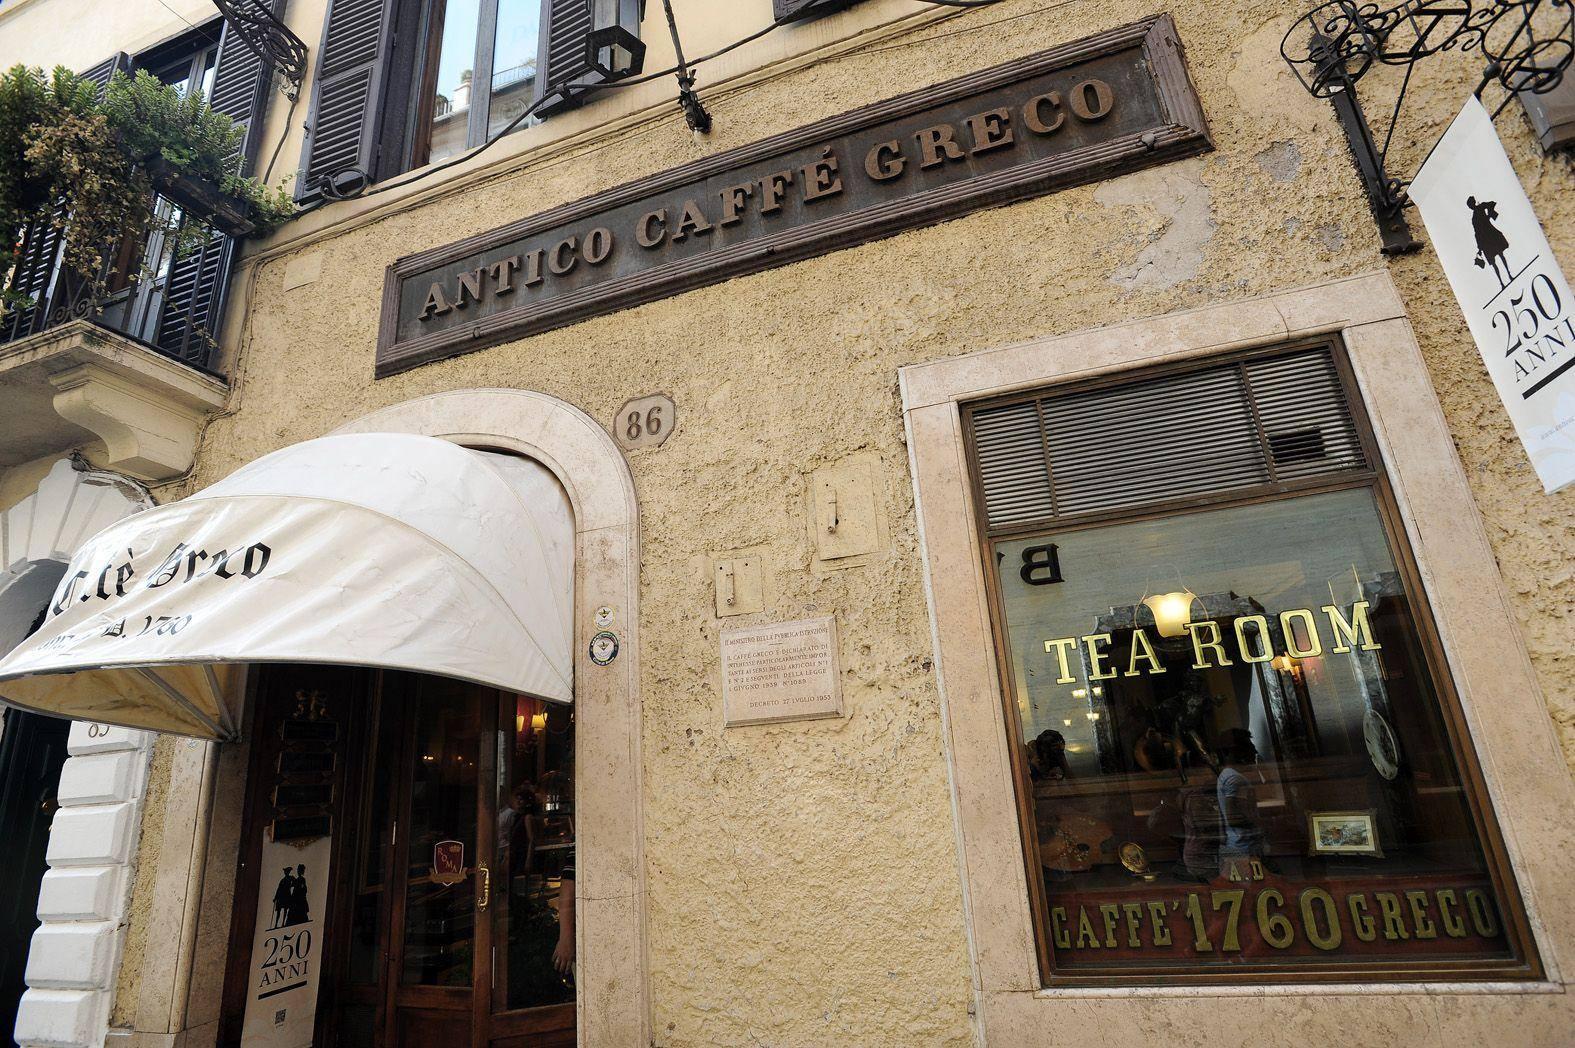 Lo storico caffè Greco di via dei Condotti (Jpeg)